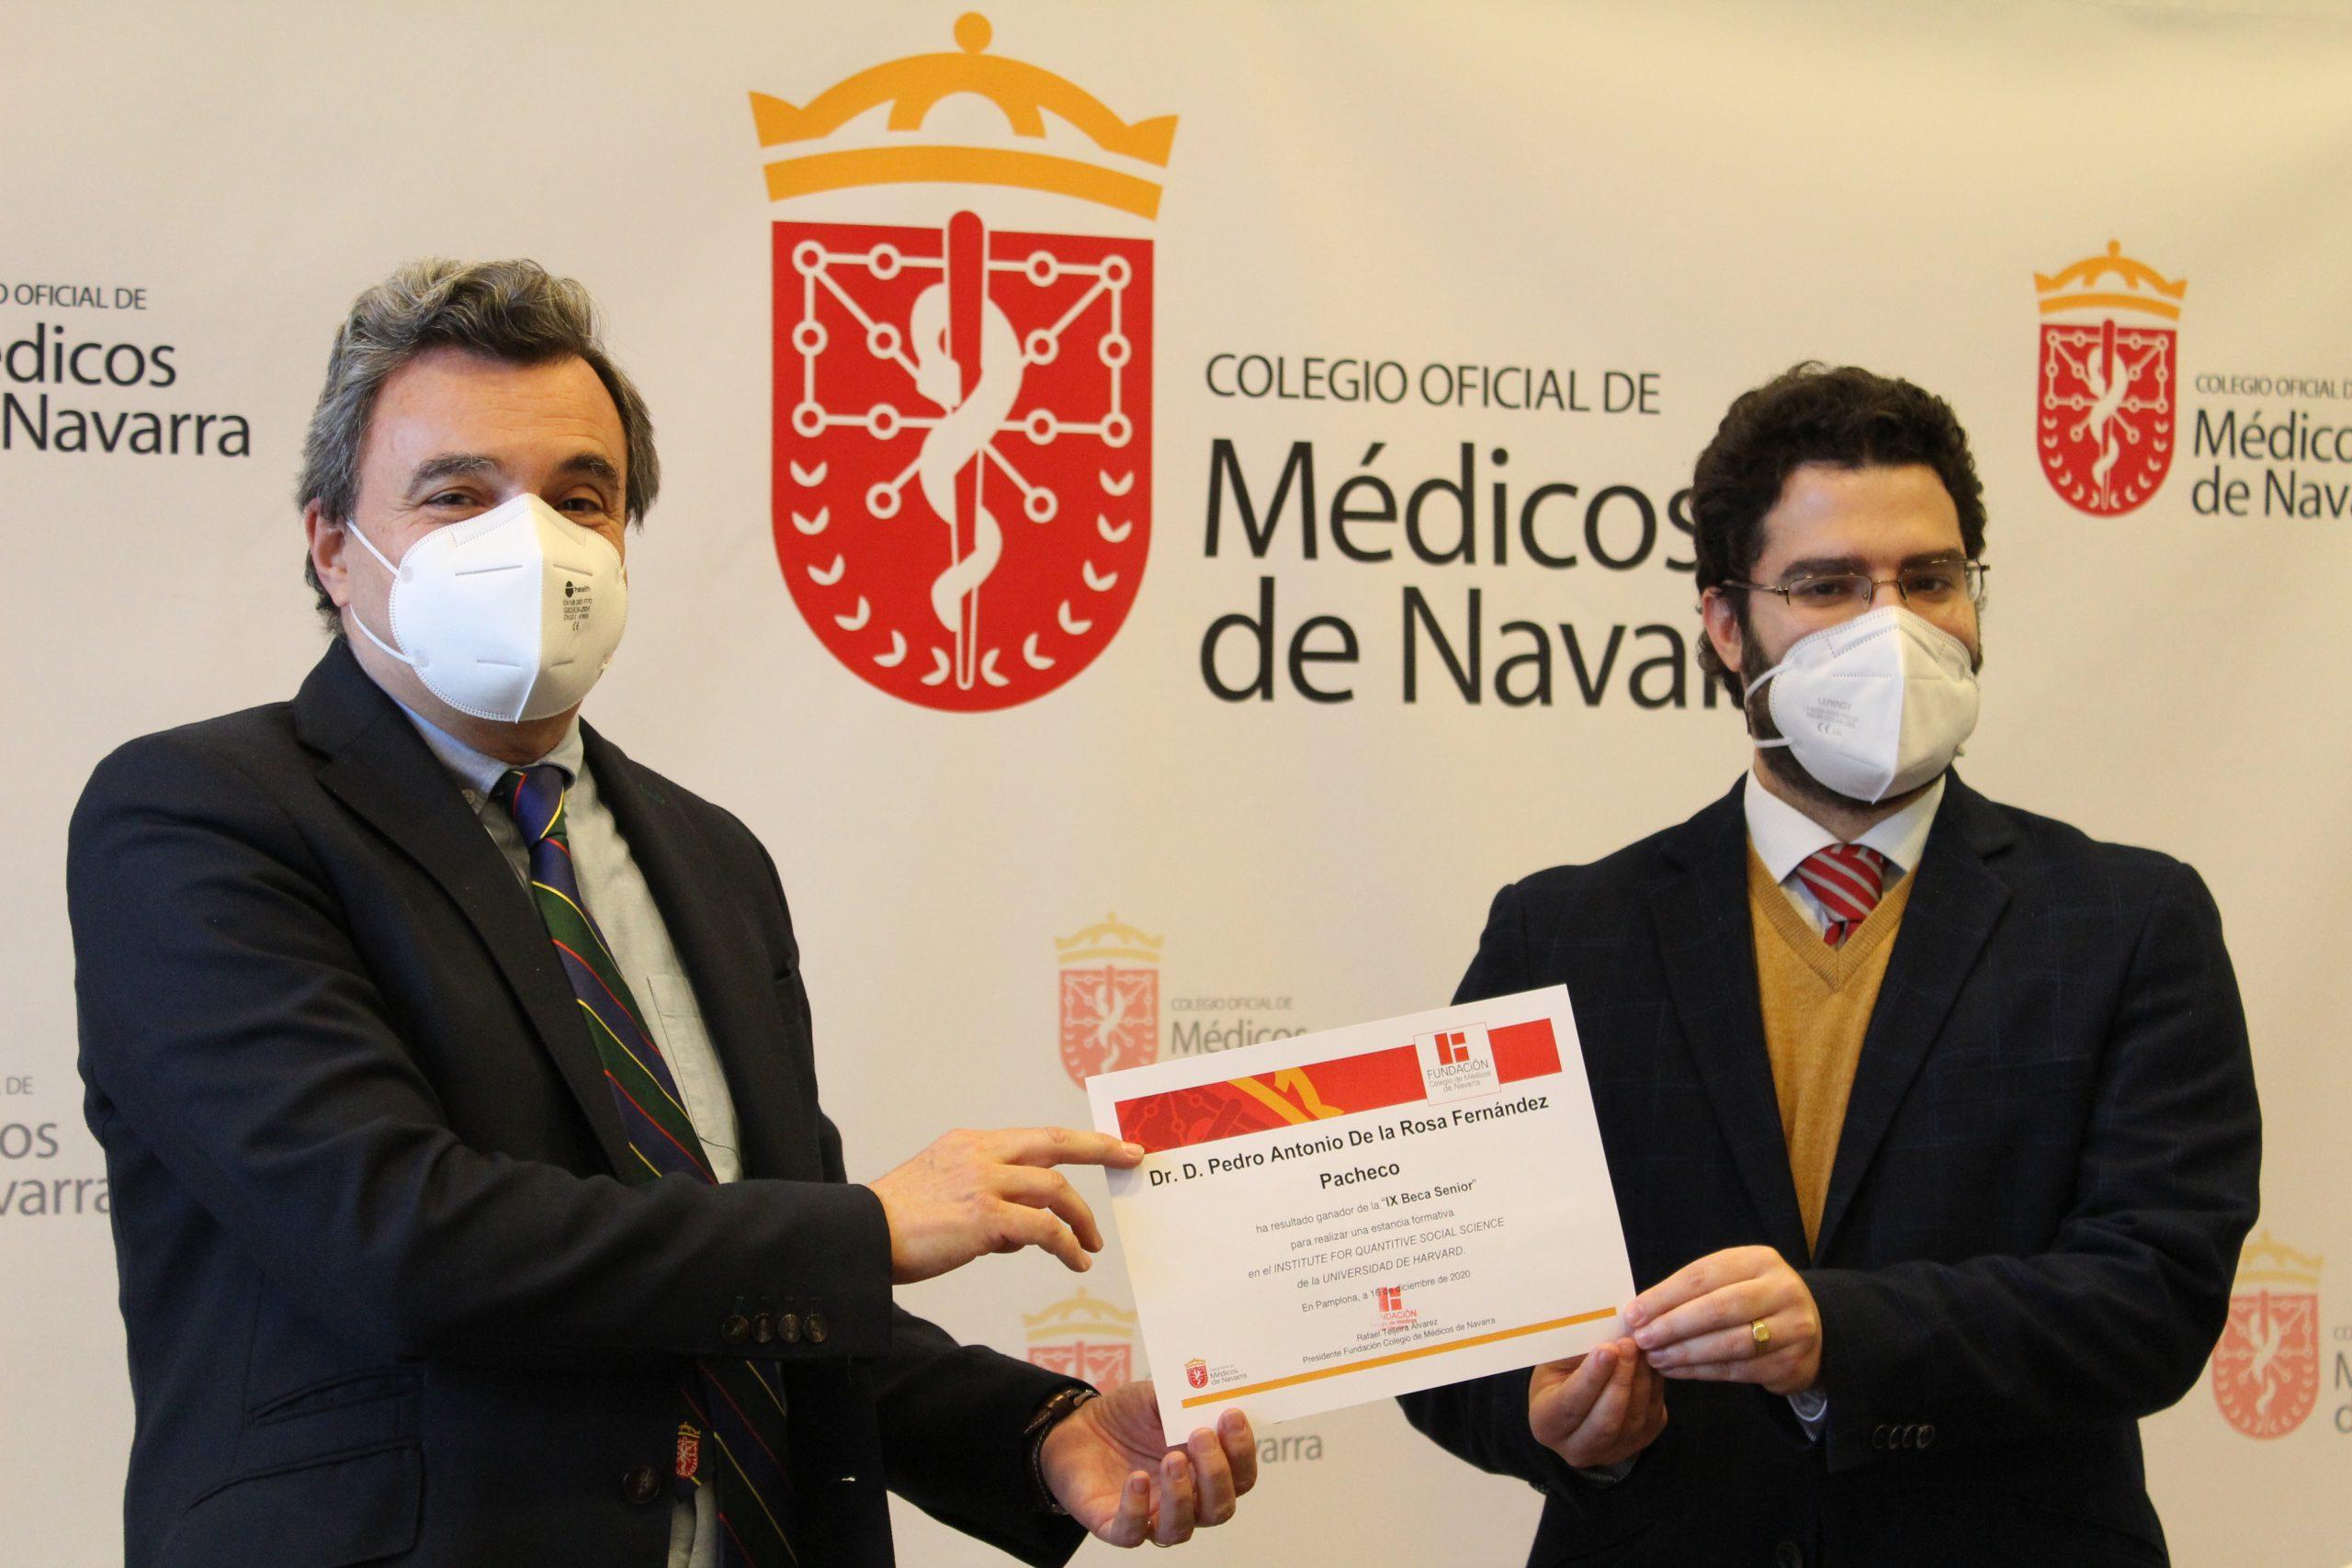 Pedro Antonio De la Rosa, especialista en Medicina Preventiva y Salud Pública, gana la Beca Senior 2020 del Colegio de Médicos de Navarra.